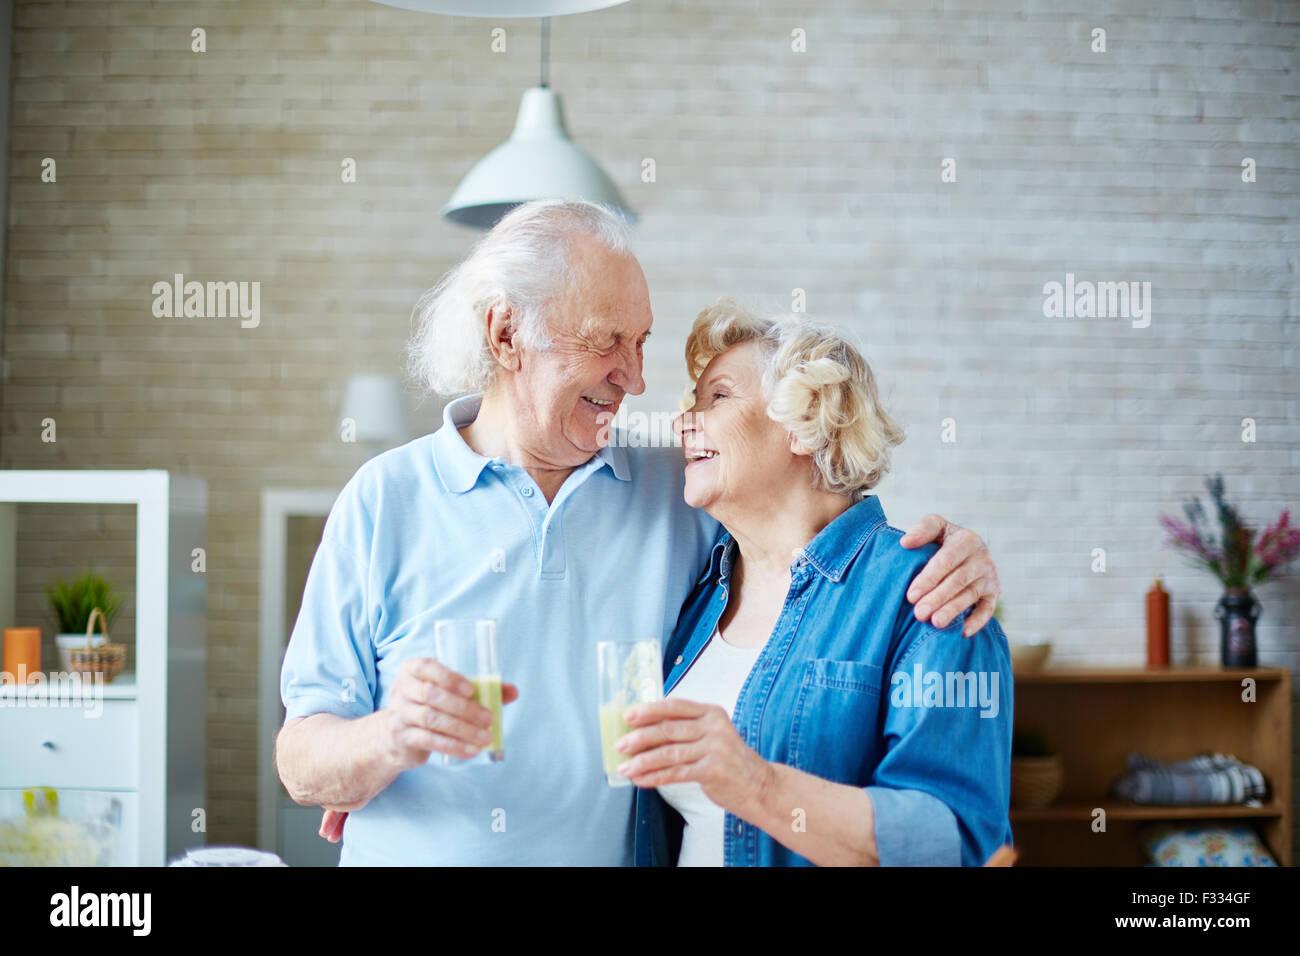 Ältere Mann und Frau halten Gläser mit gesunde hausgemachte Fruchtsaftgetränk und schauen einander Stockbild